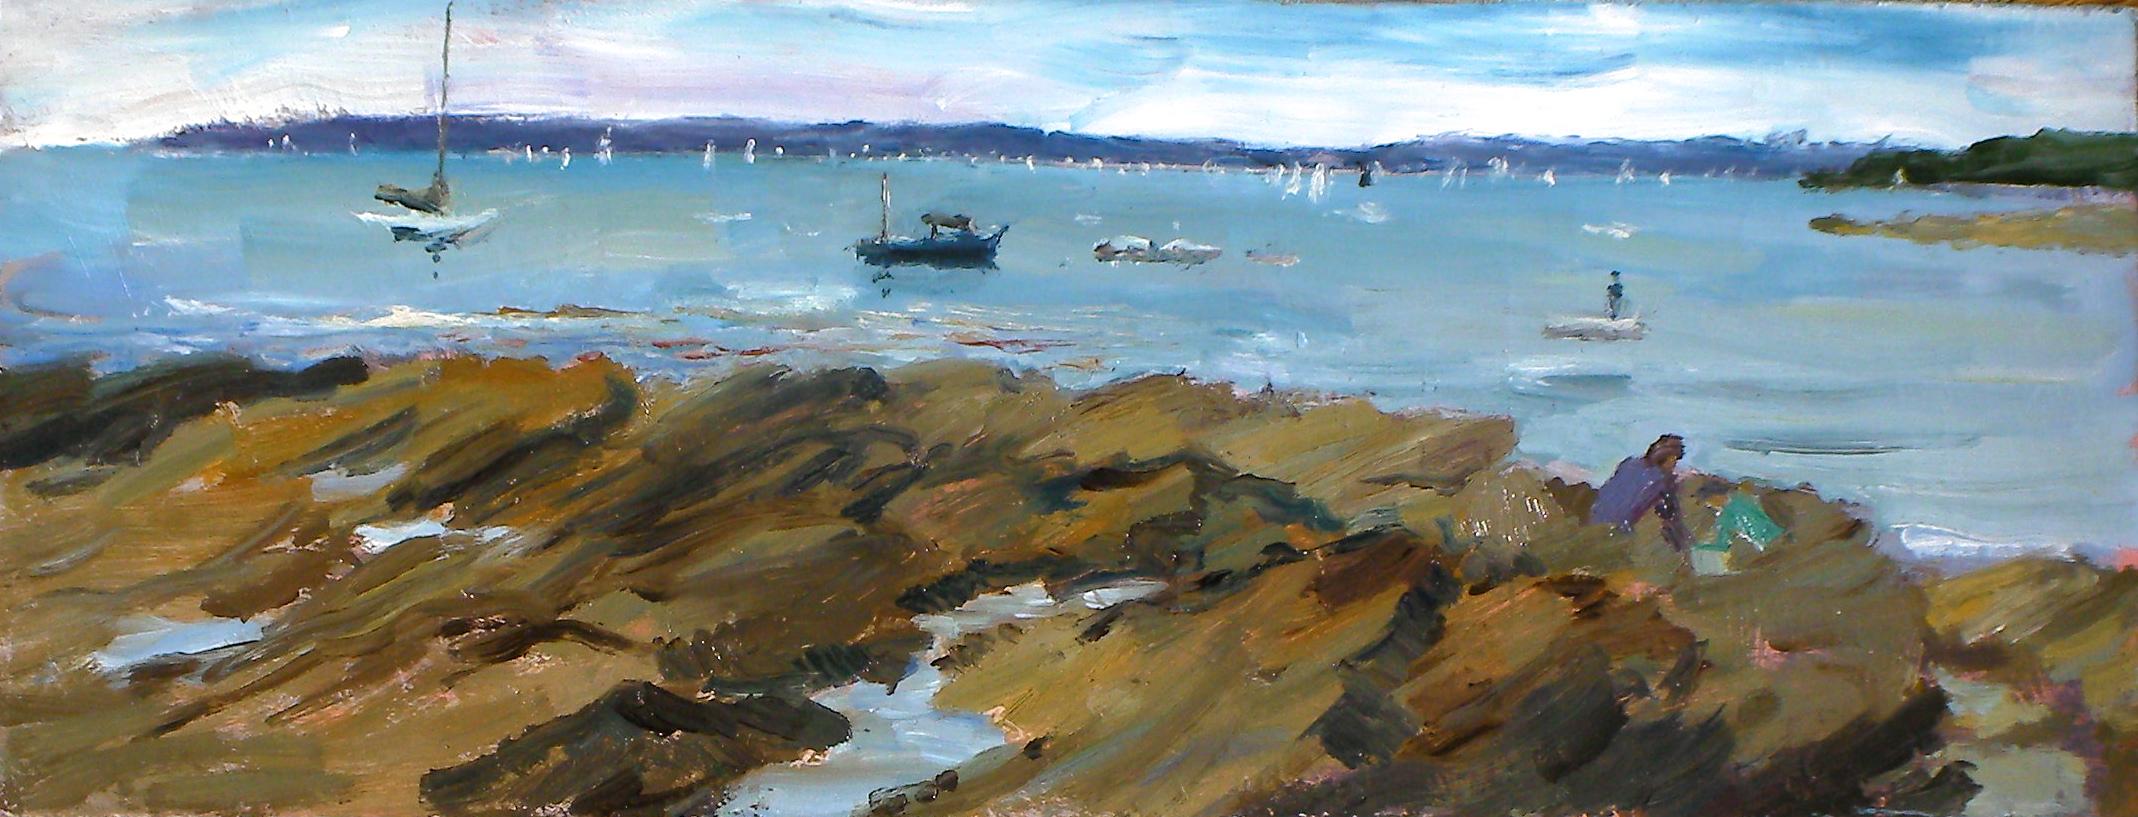 804 Sailing in Falmouth Bay